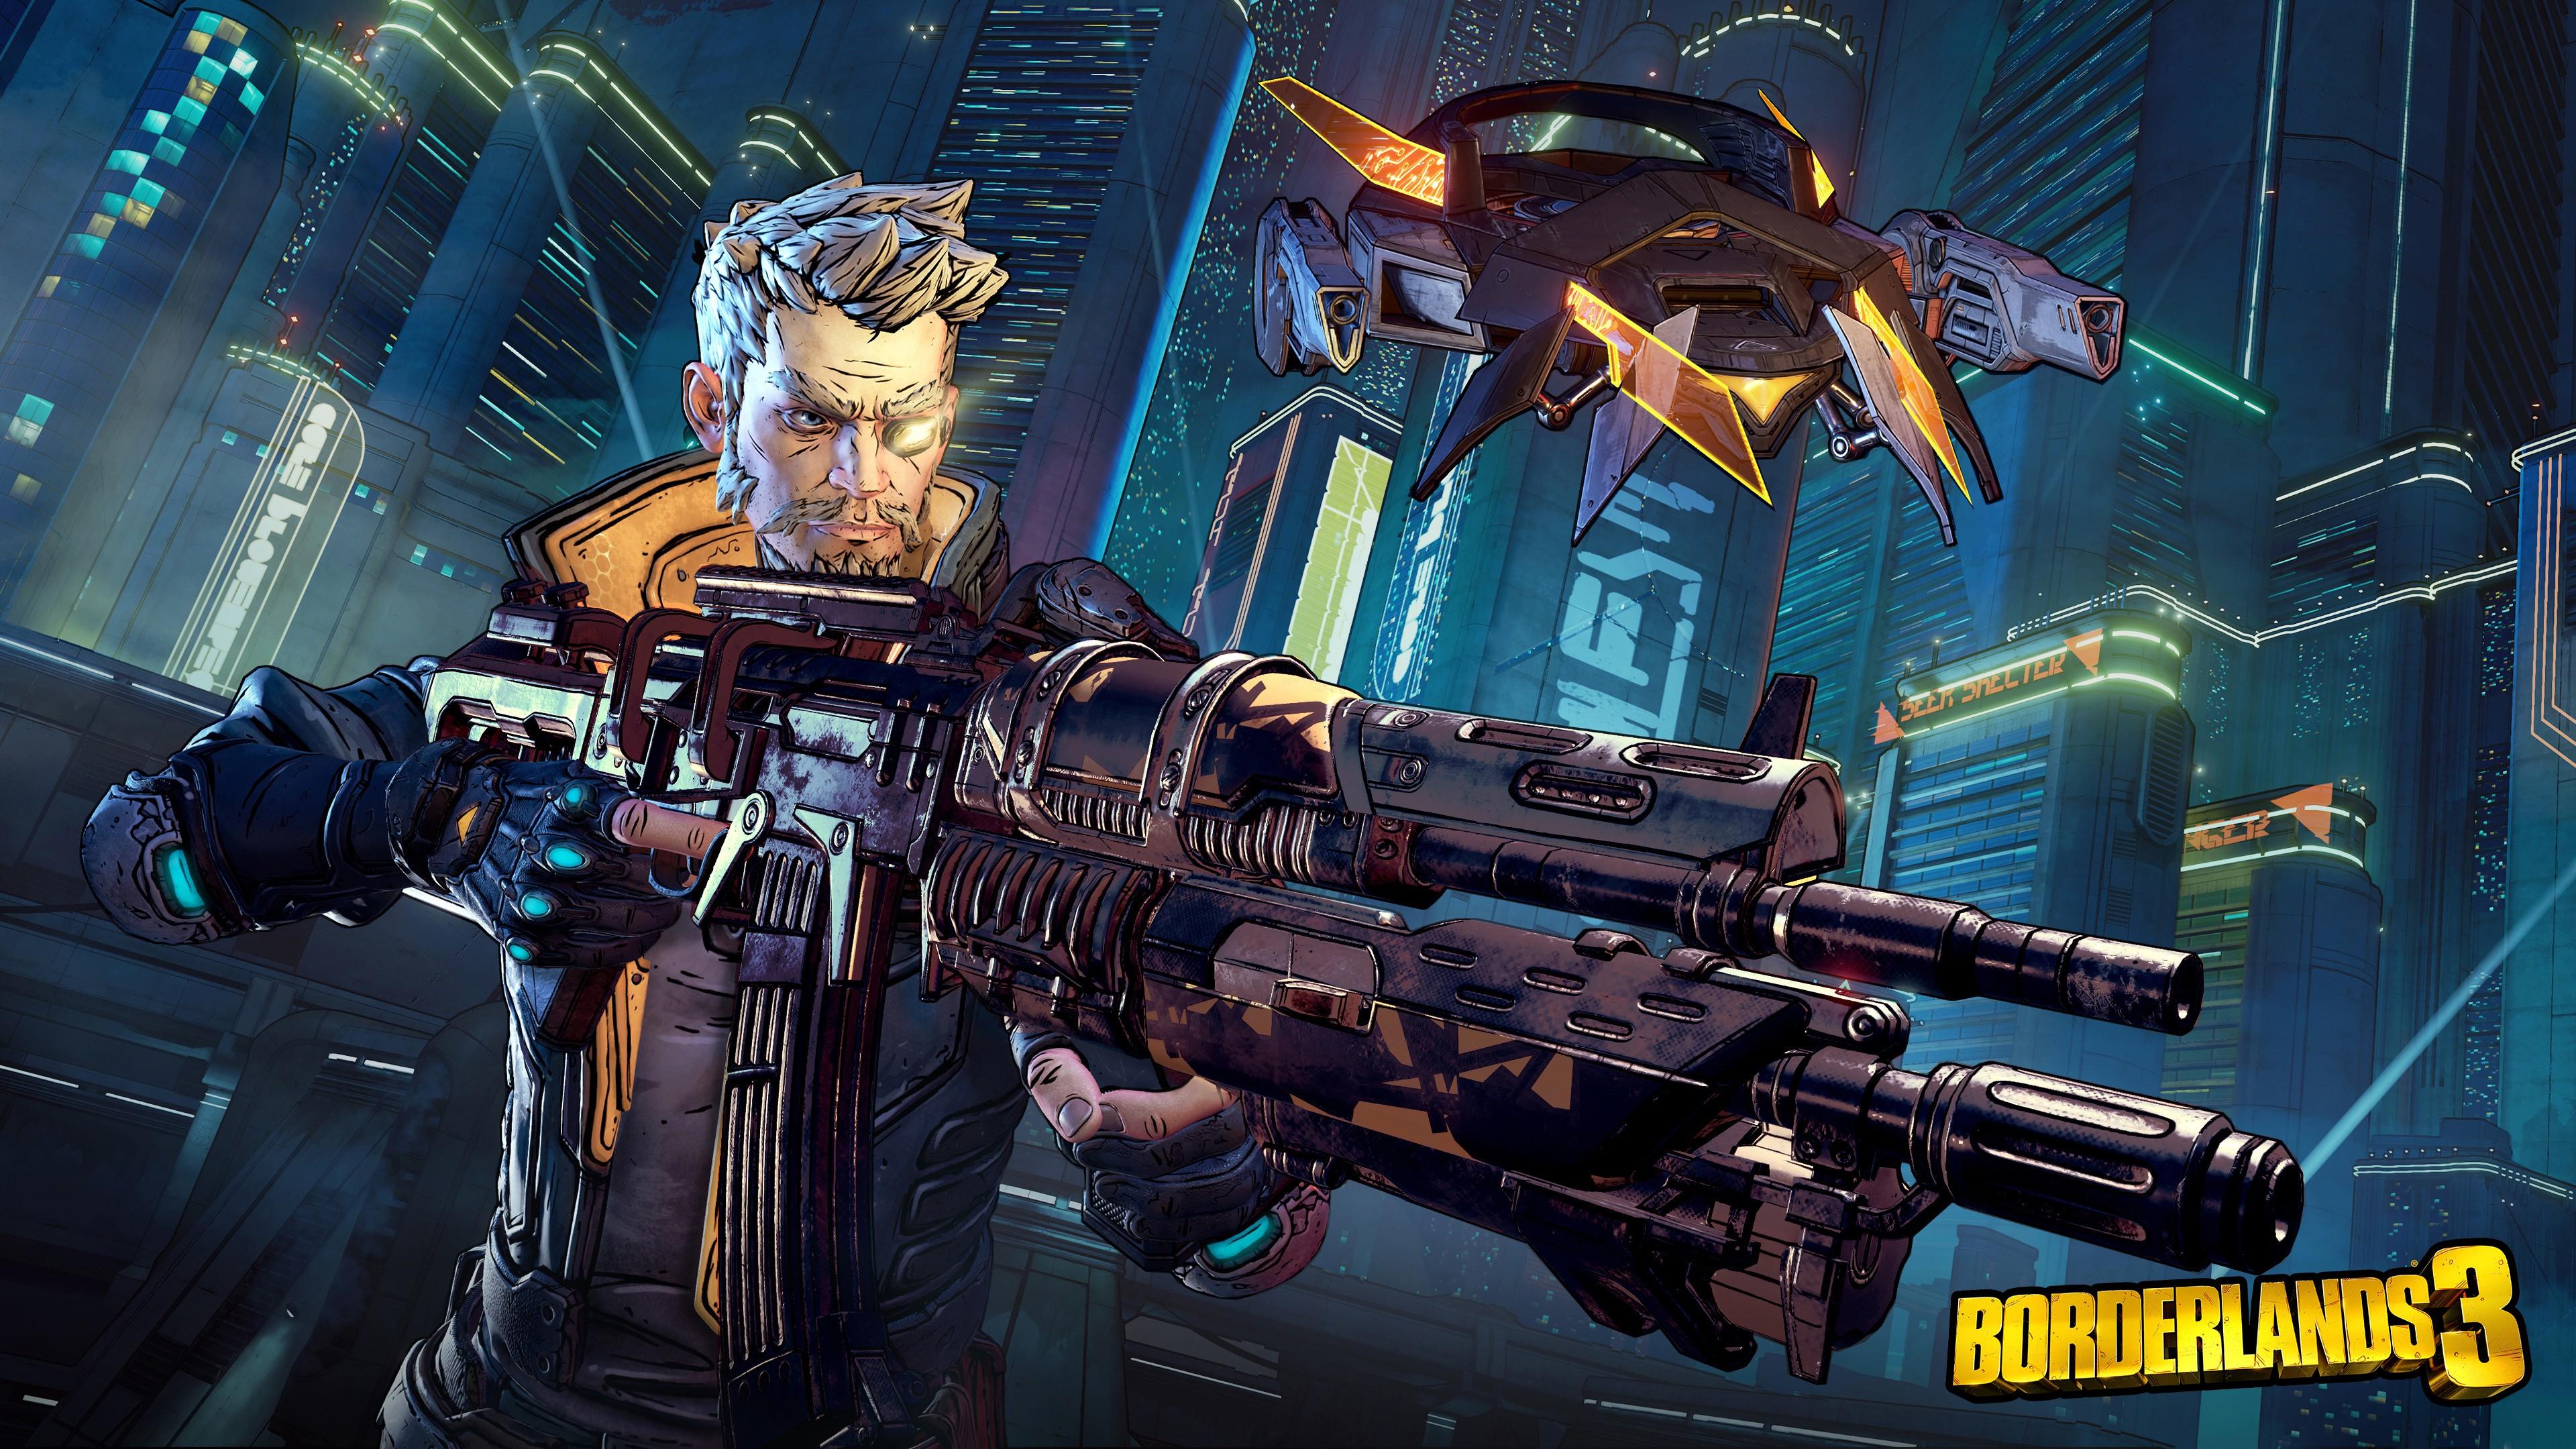 Wallpaper Borderlands 3 E3 2019 Artwork 4K Games 21721